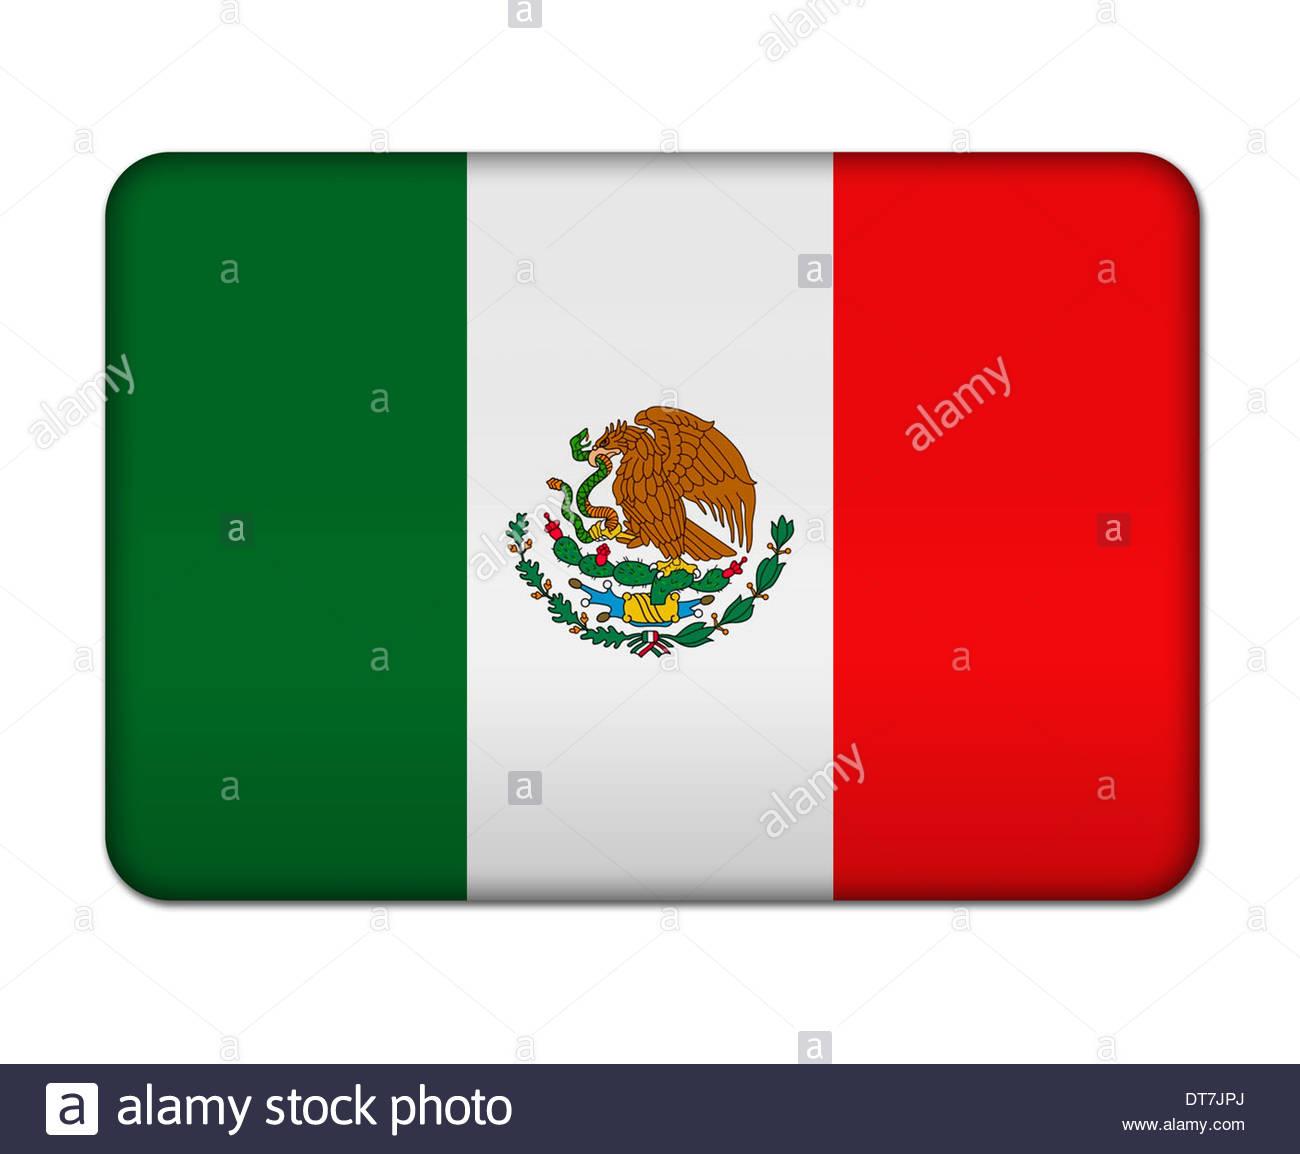 Mexico flag icon banner logo button sign - Stock Image